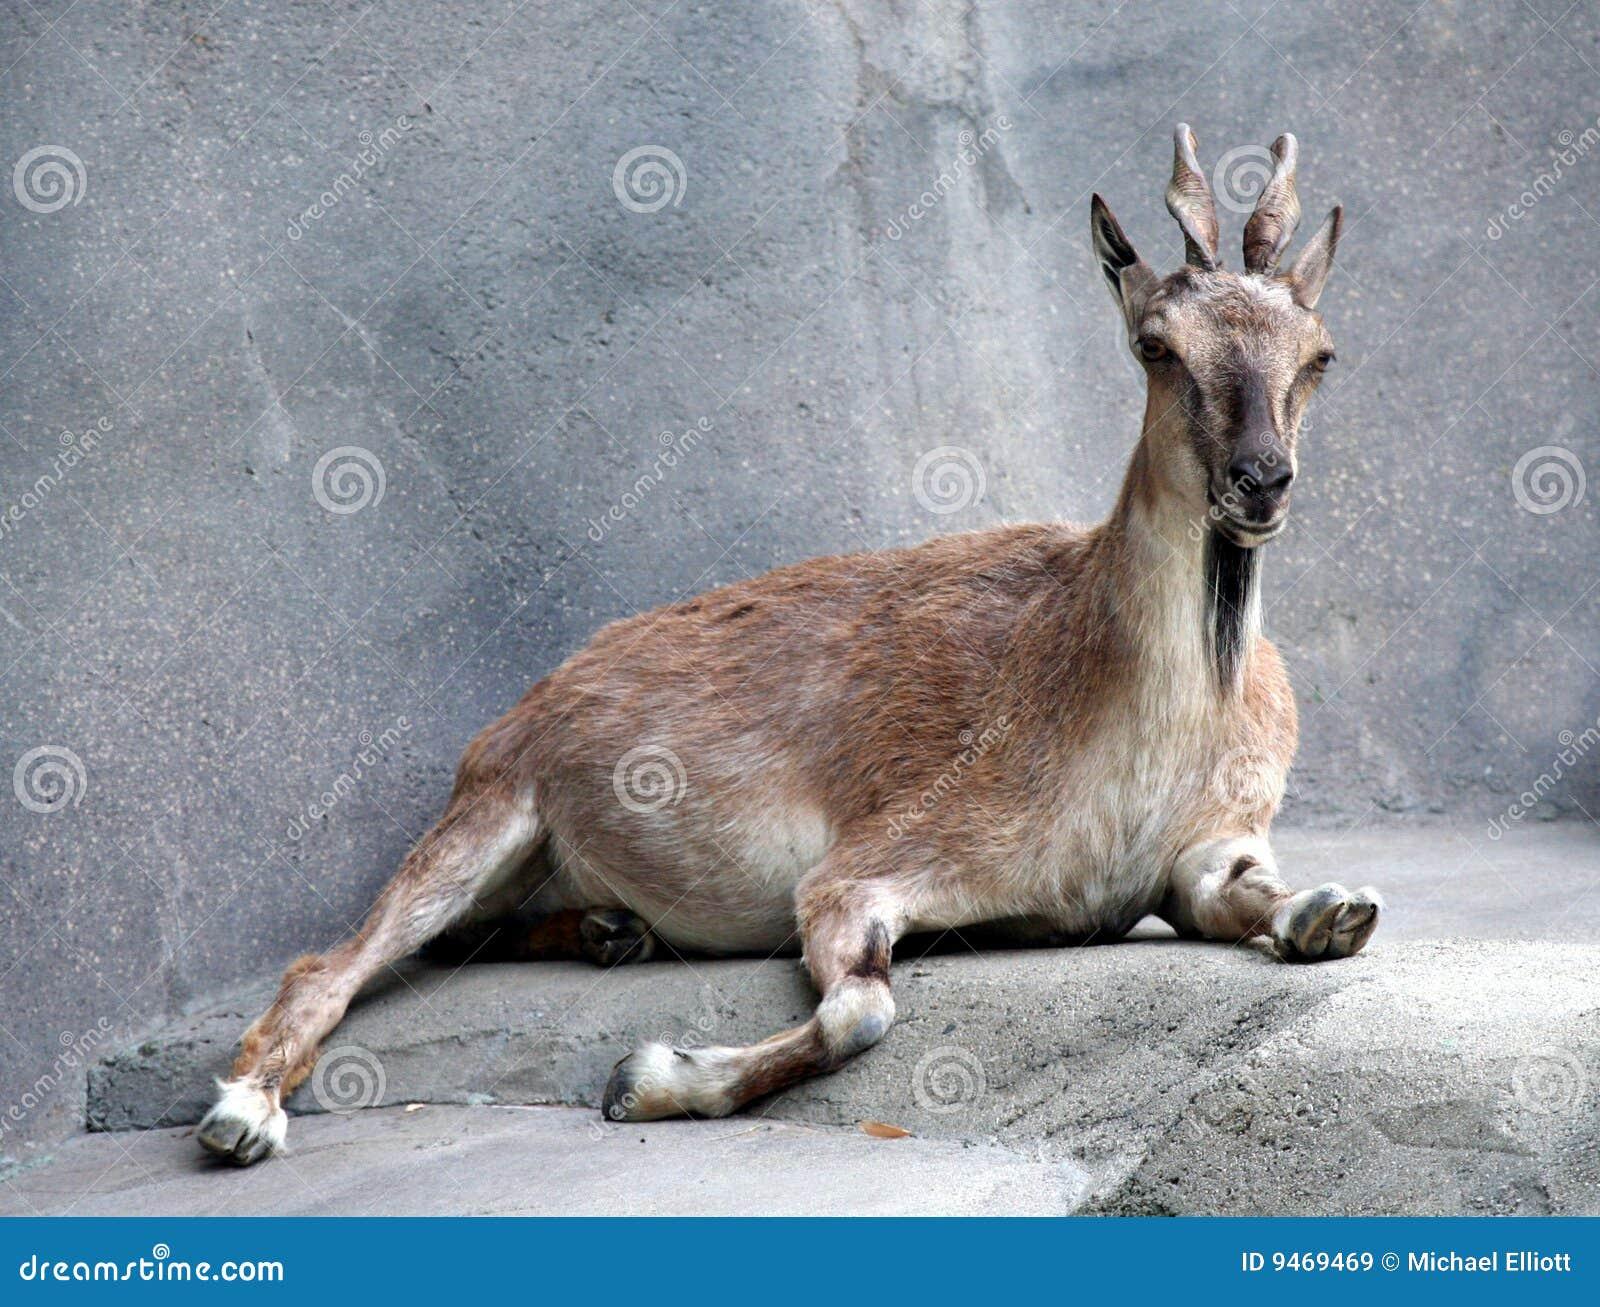 Markhor Goat